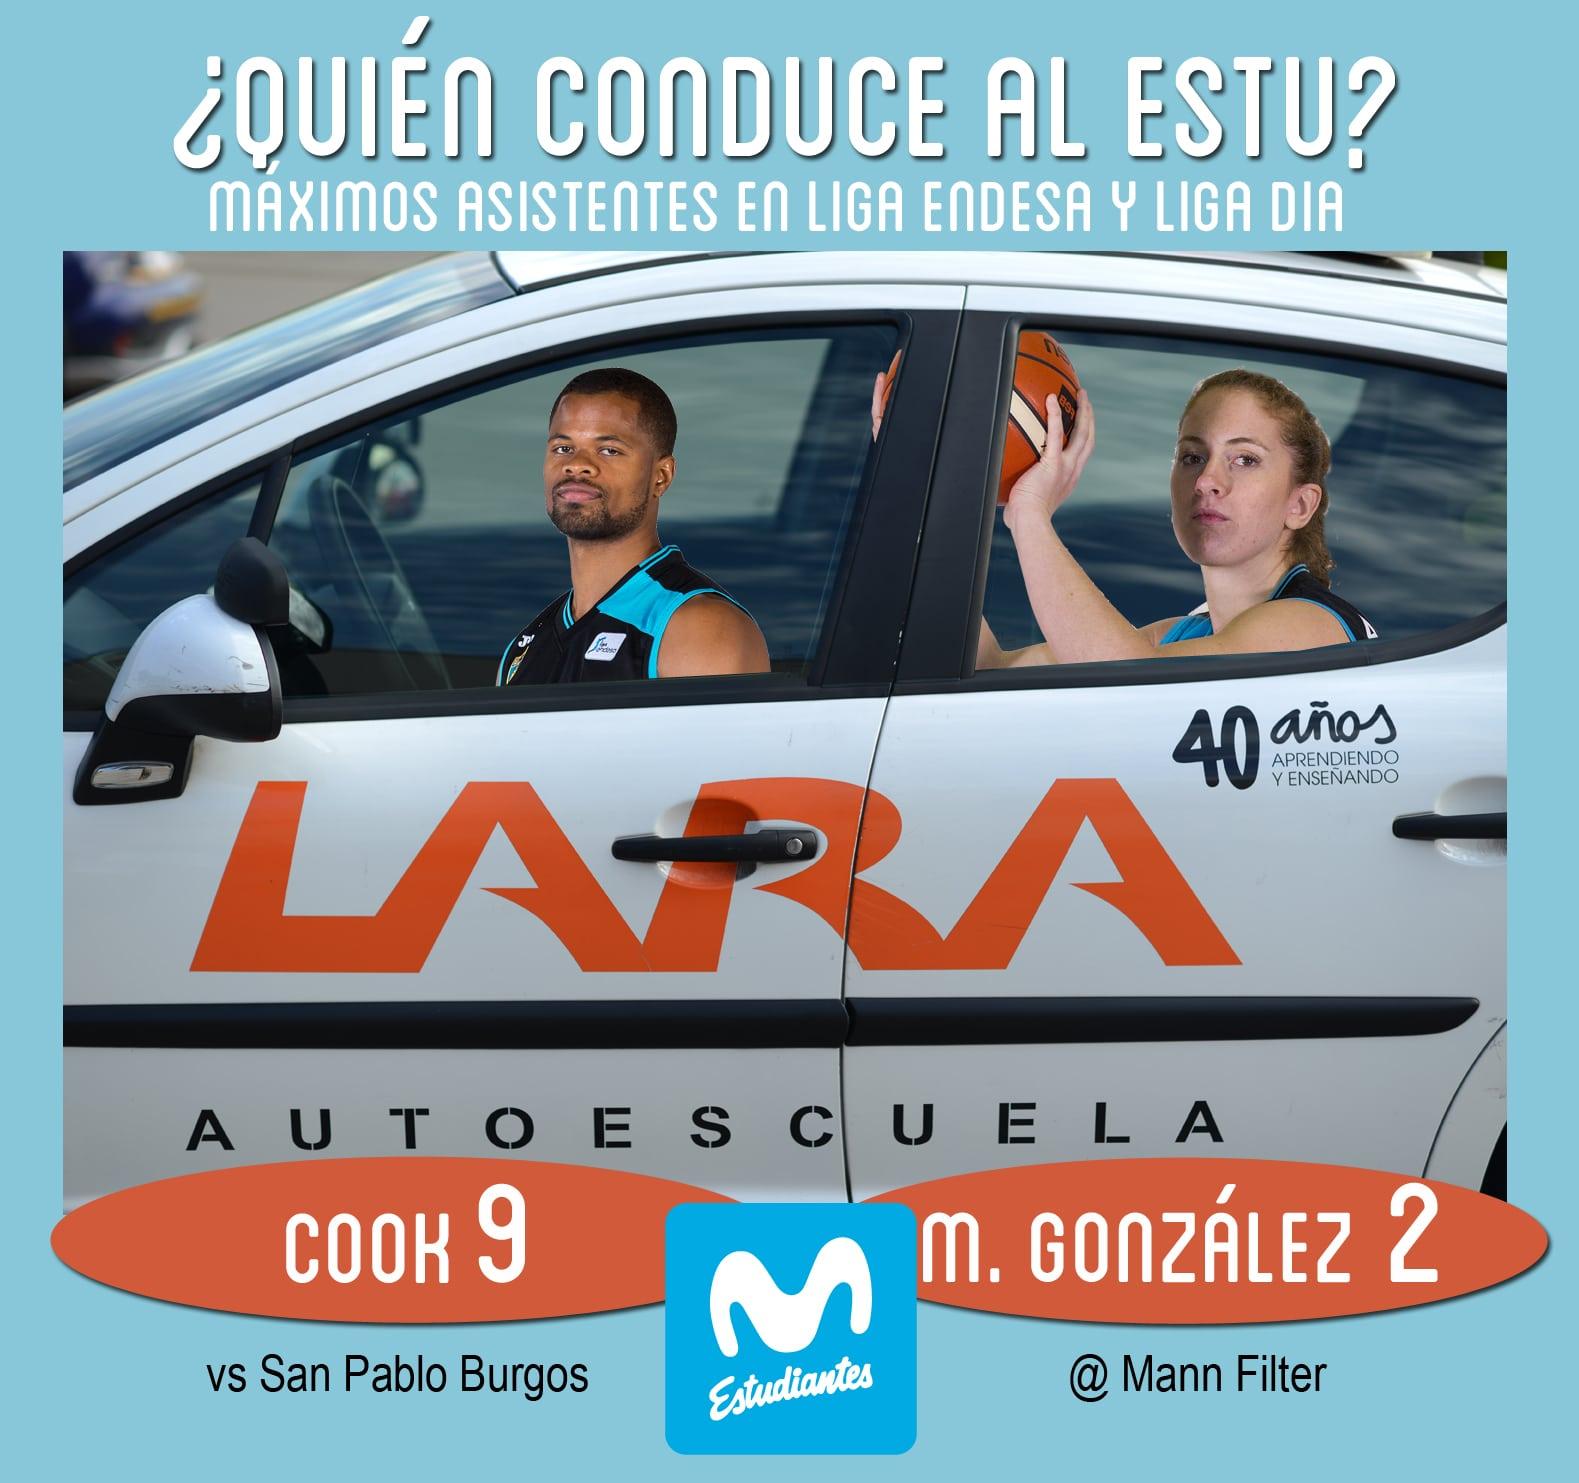 Omar Cook y Mariana González, Conductores Lara de la jornada